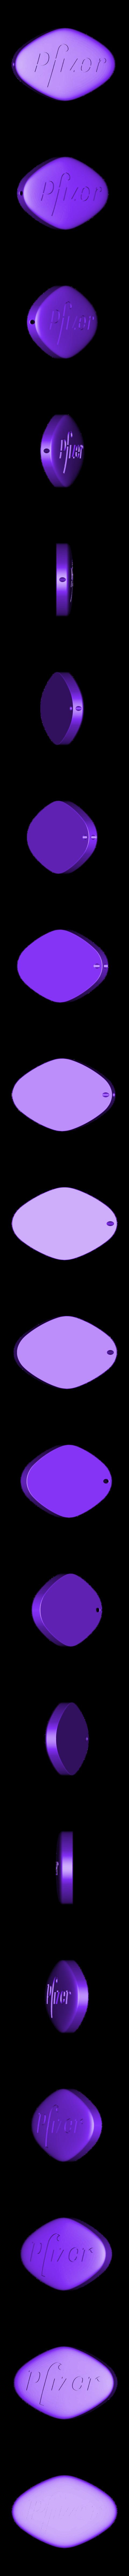 B3b234a3 58a2 492b a2f9 442d86186b77